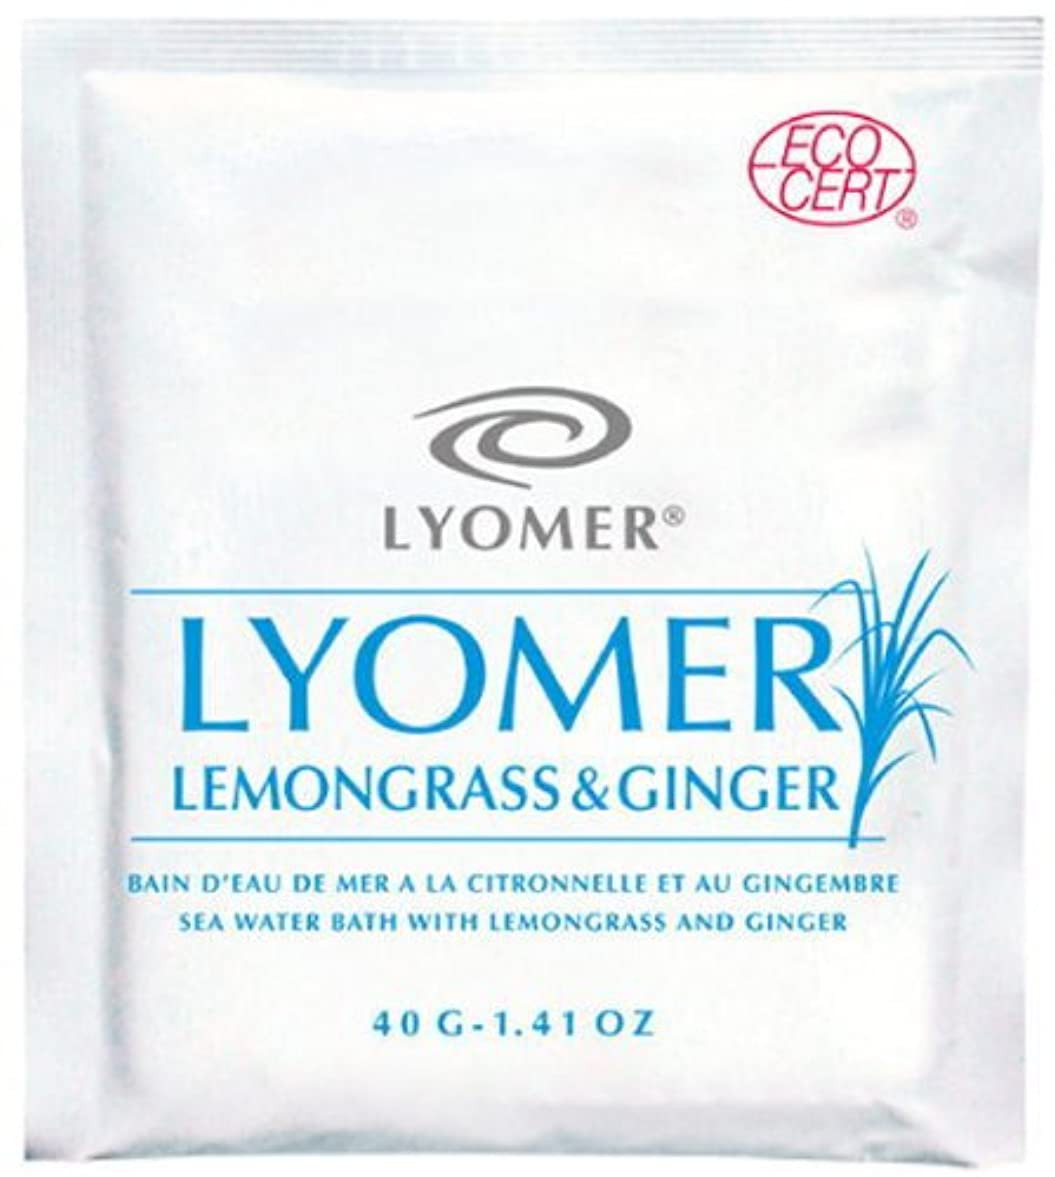 内陸文化ウールリヨメール レモングラス&ジンジャー 40g